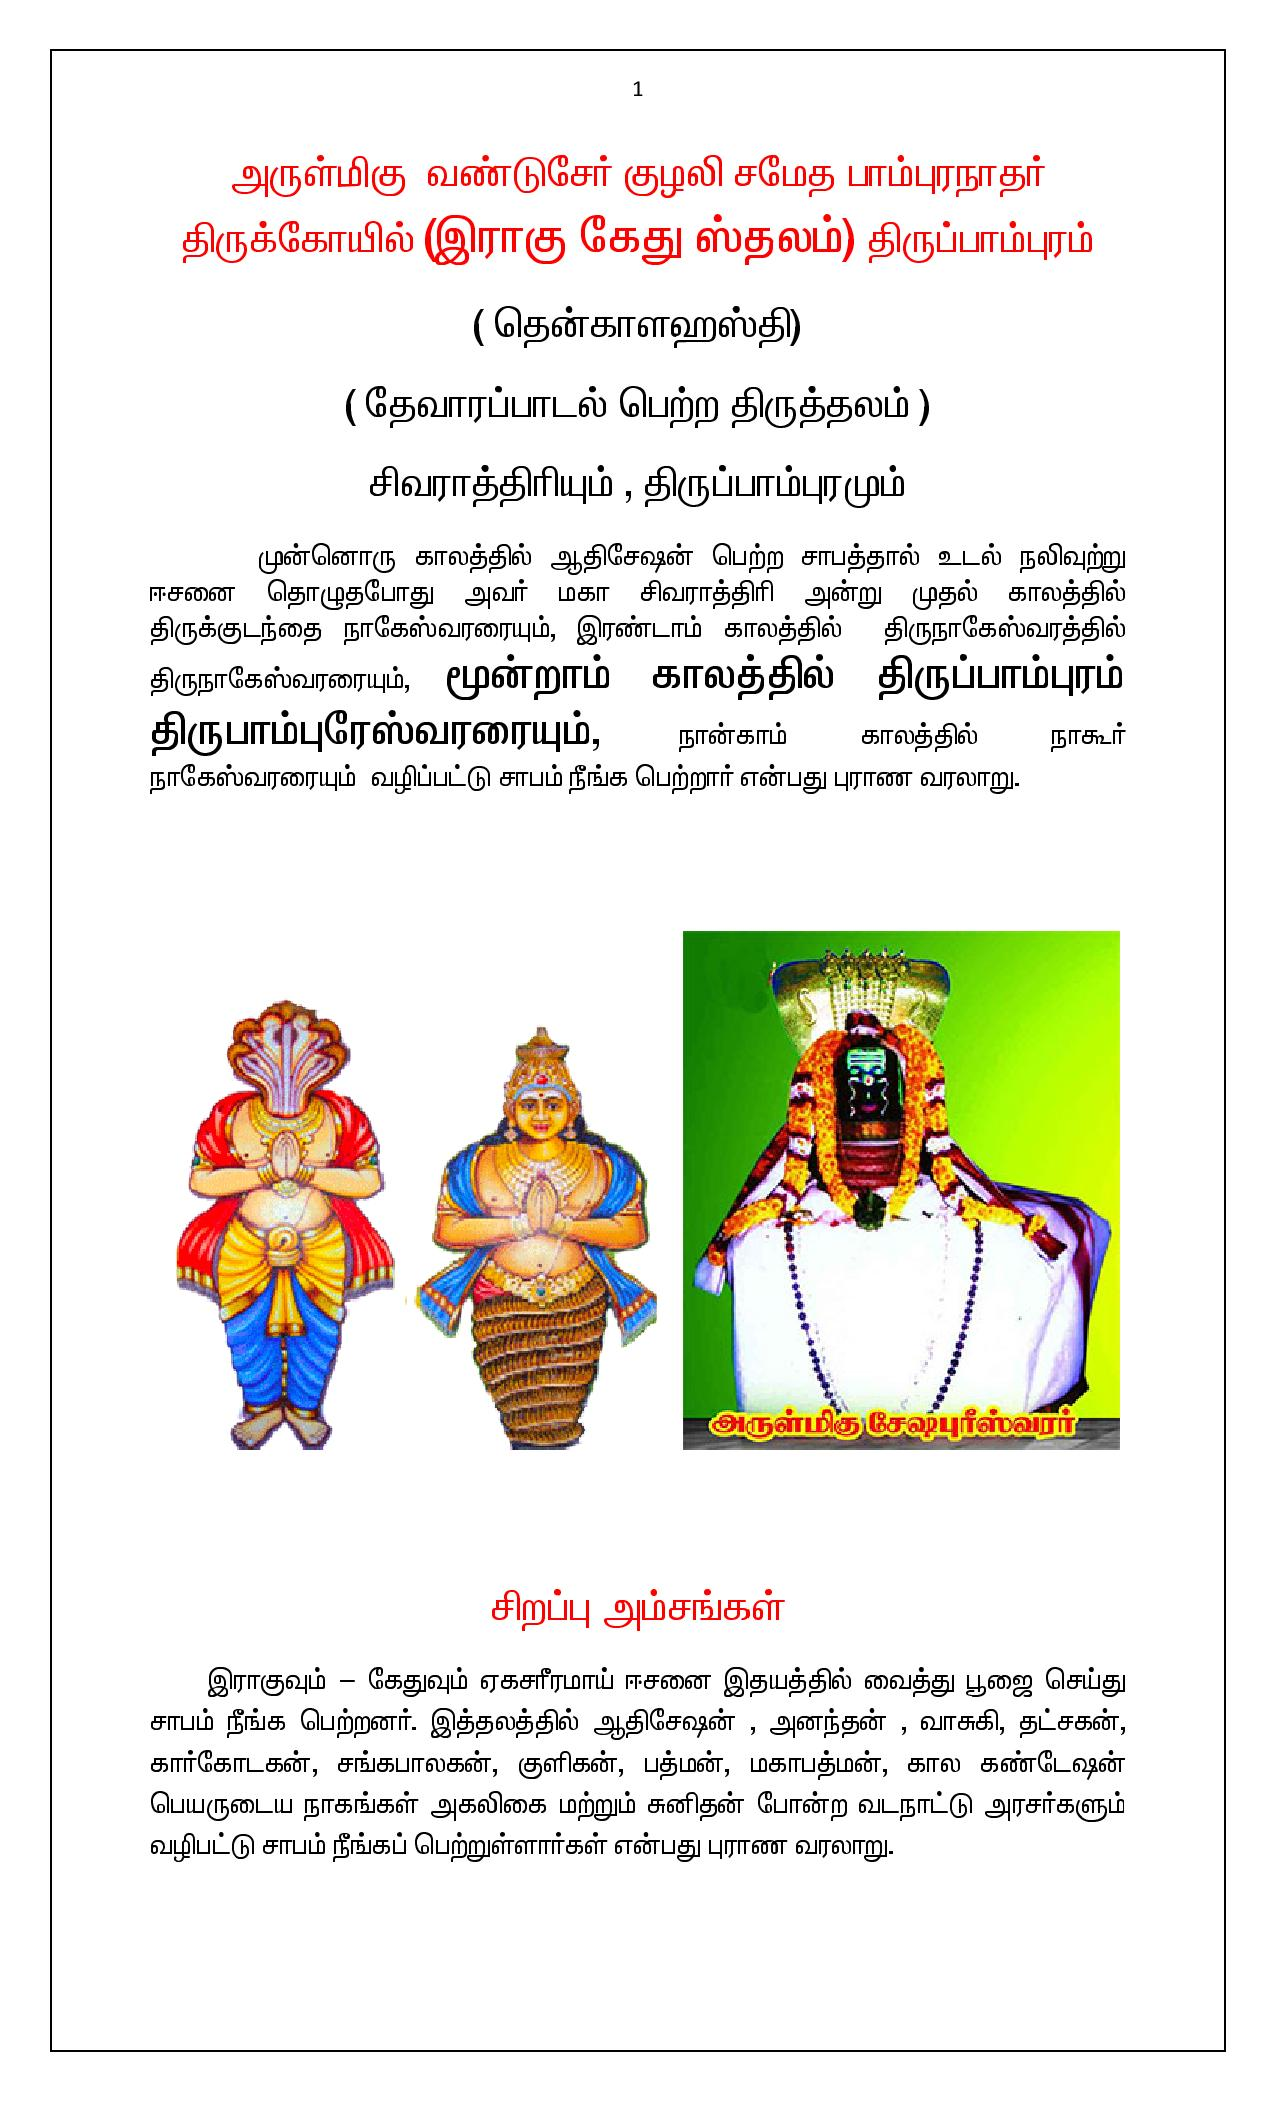 Hislory thiru pambupuram temple-page-001